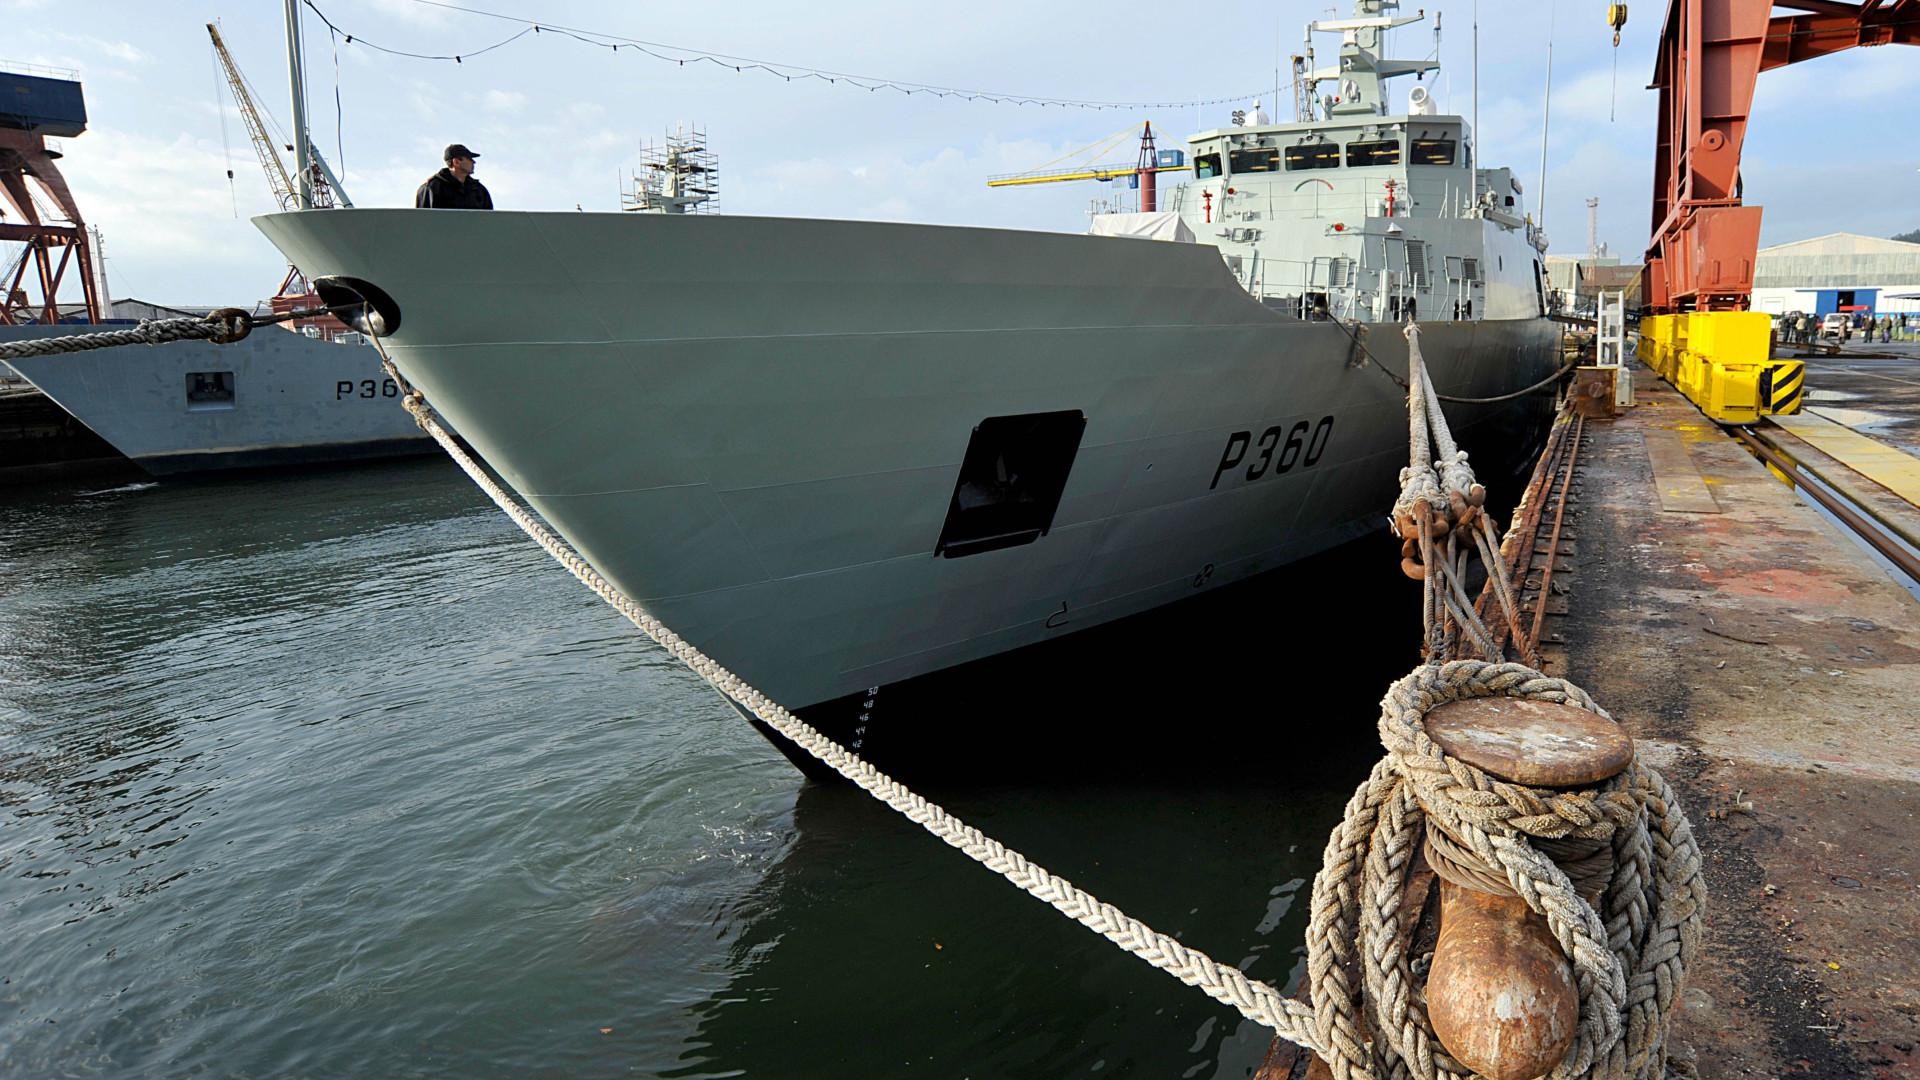 Primeira mulher a comandar um patrulha oceânico da Marinha tomou posse